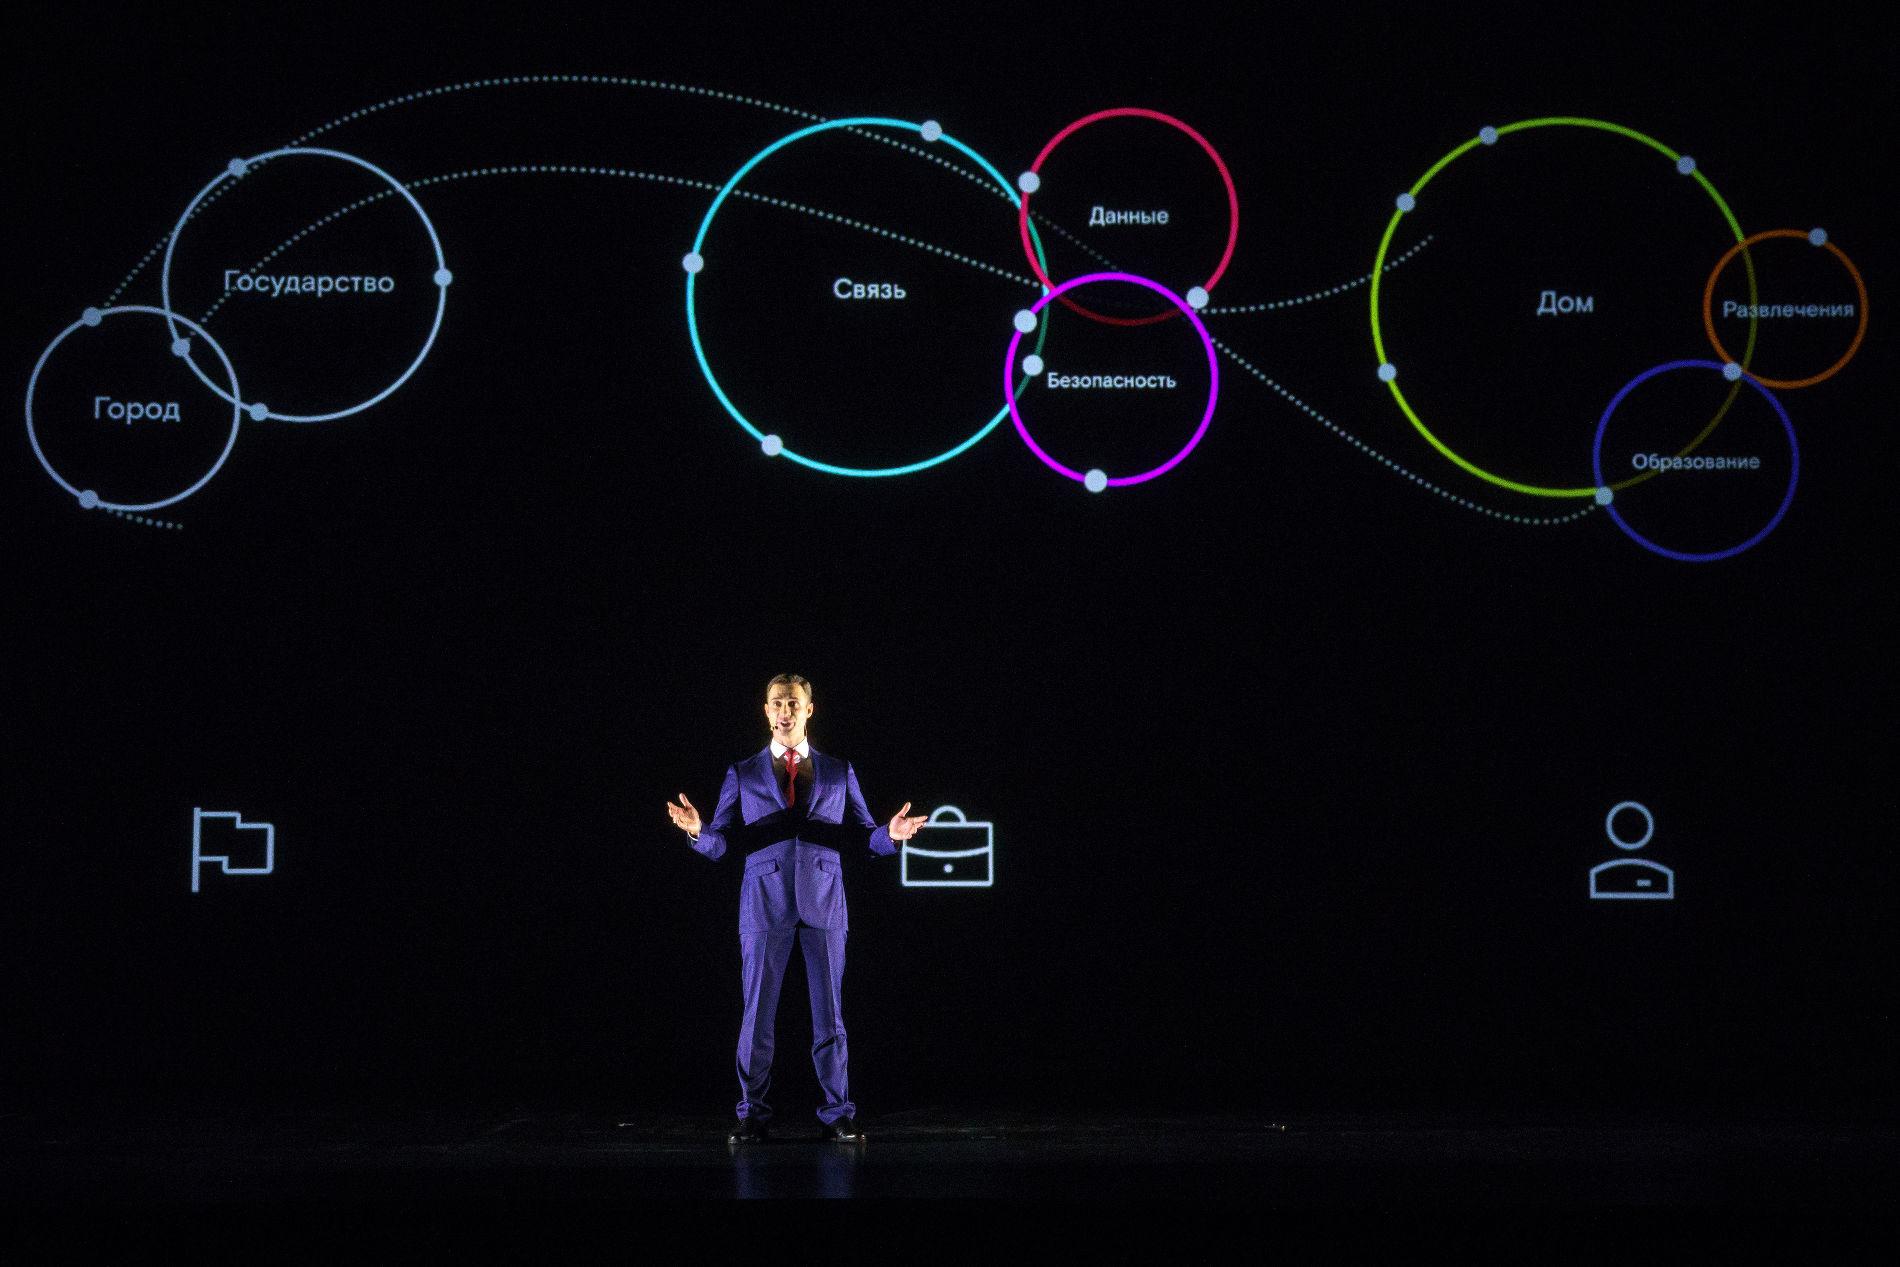 Презентация новых услуг и нового бренда «Ростелекома» ©Фото пресс-службы «Ростелекома»